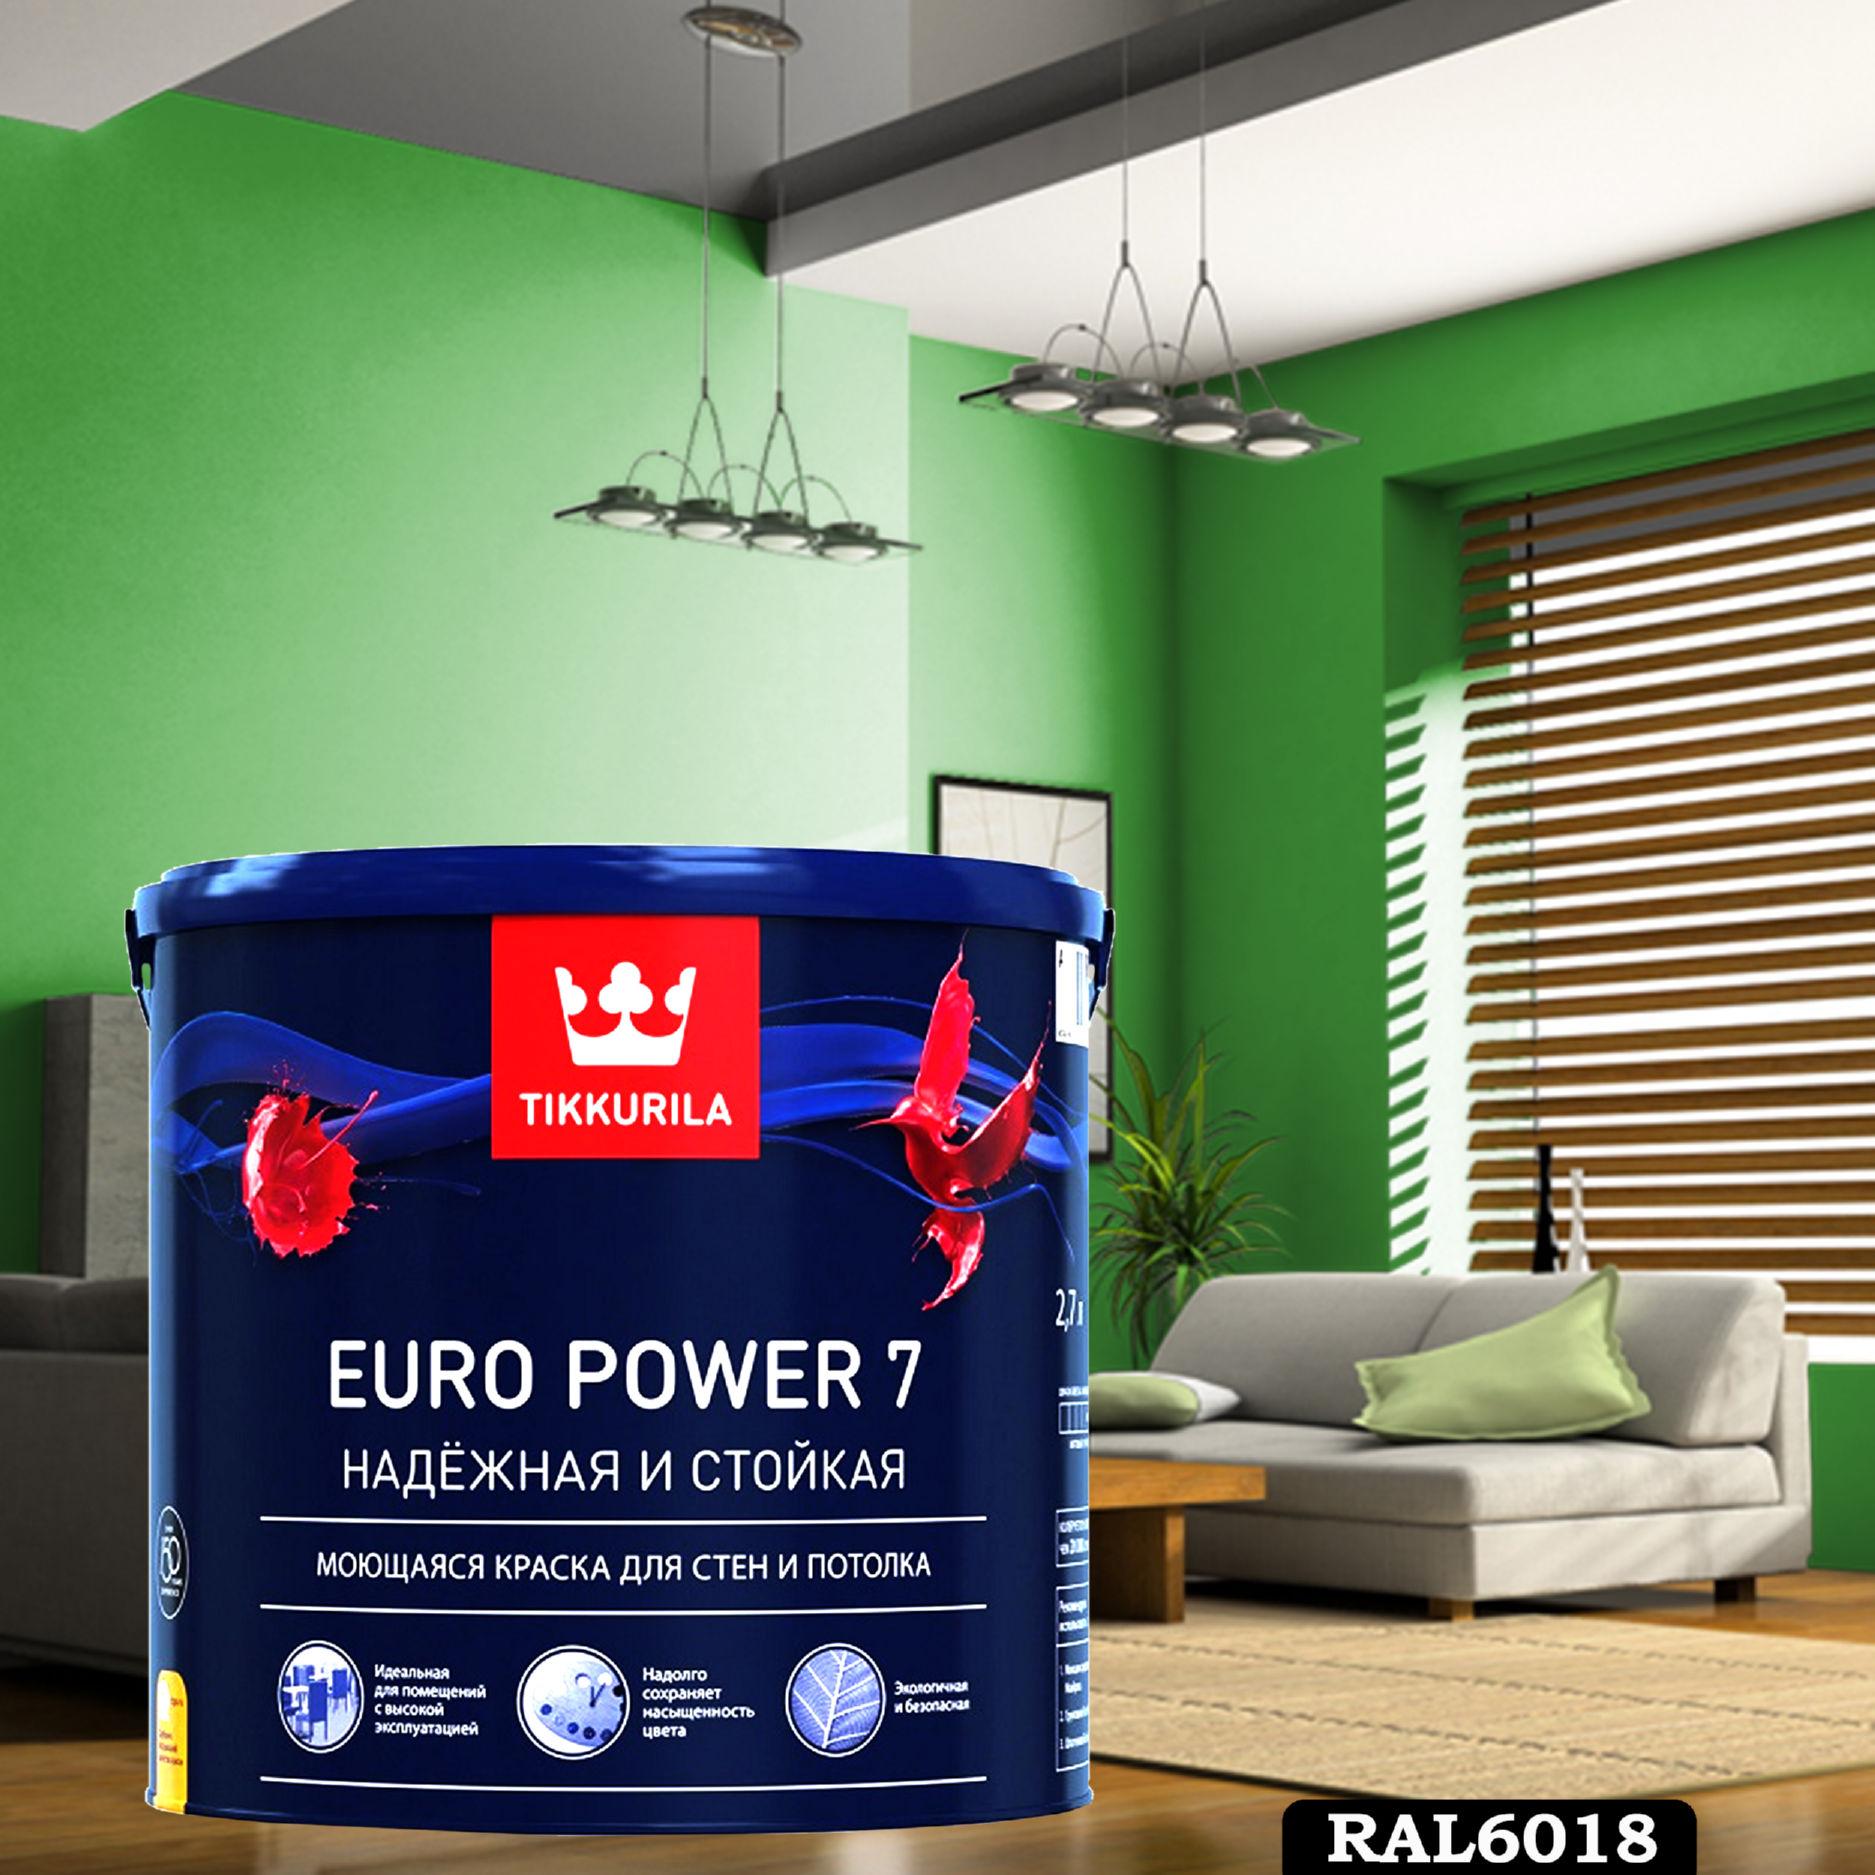 Фото 19 - Краска TIKKURILA Euro Power 7,  RAL 6018 Жёлто-зелёный, латексная моющаяся матовая интерьерная, 9 л.